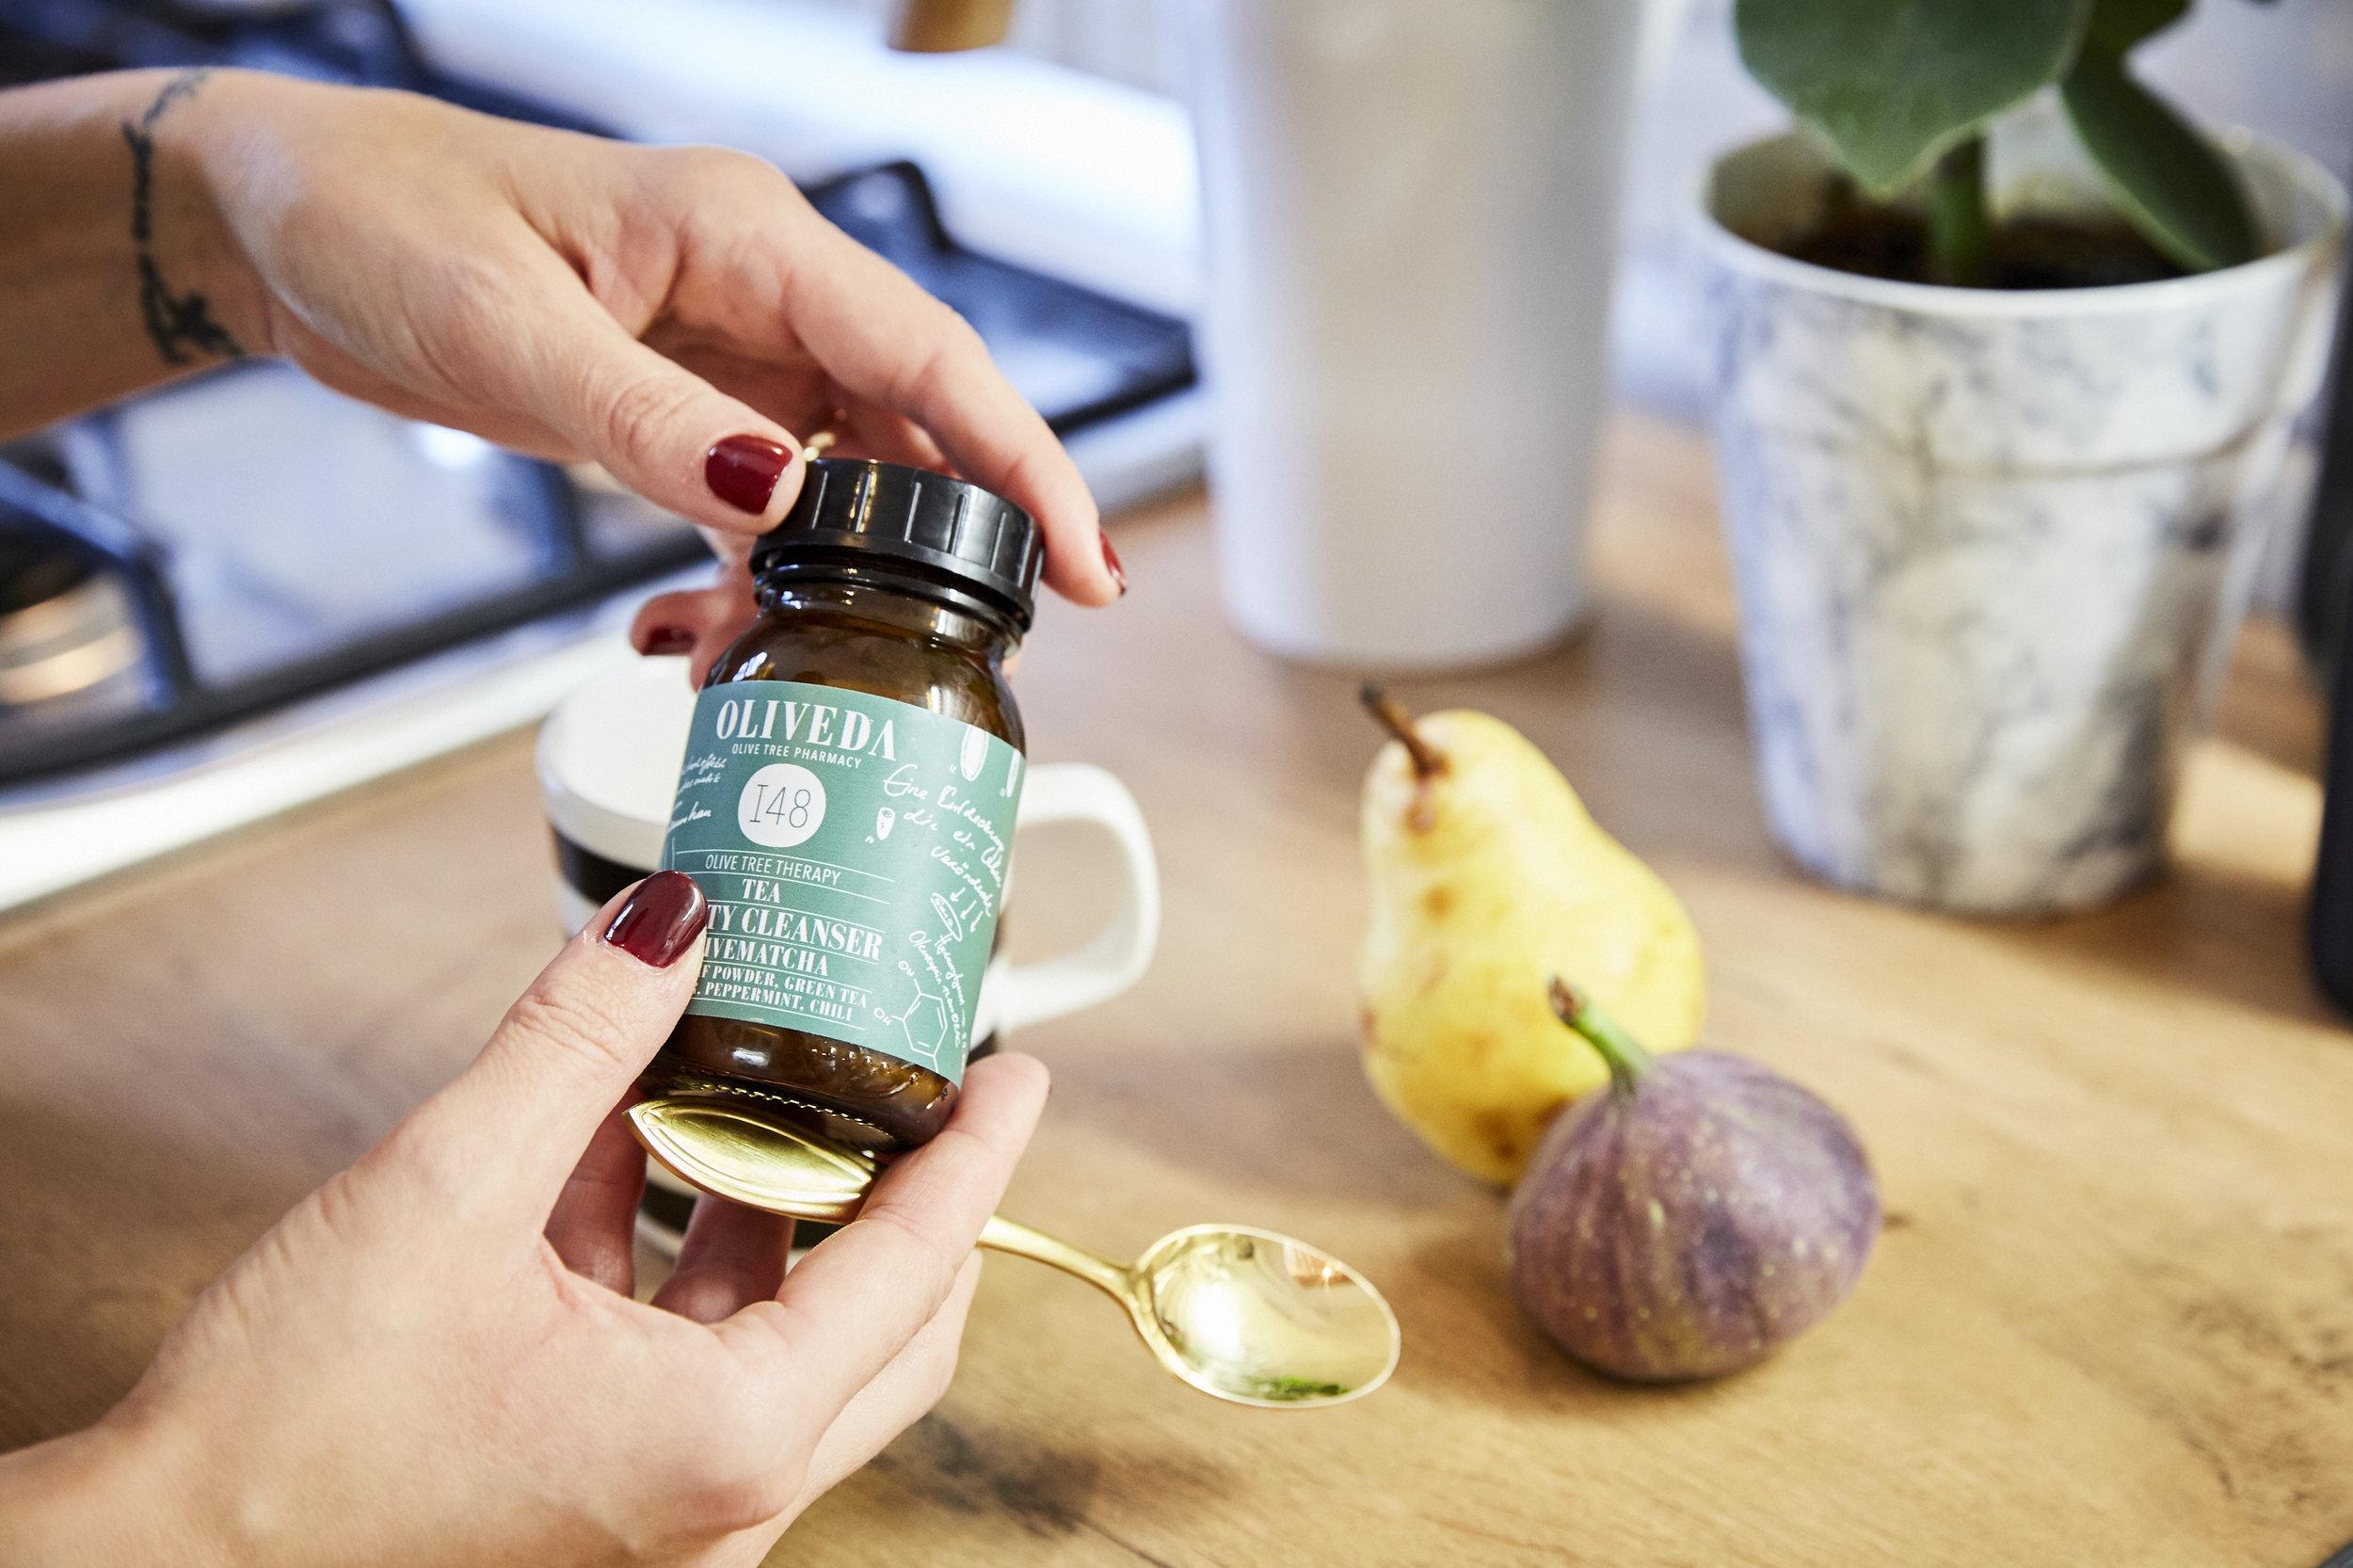 FAVORITE PRODUCTSoliveda - schönheit von innen - Heute haben wir einen Detox-Tipp für euch: Der Beauty Cleanser Olivematcha von Oliveda. Was Detox ist, weiß mittlerweile jeder, denn dieses Thema ist seit einigen Jahren omnipräsent. Es bedeutet nichts anderes als zu entgiften, oder um es etwas altmodischer auszudrücken: zu entschlacken.LOS GEHT'S